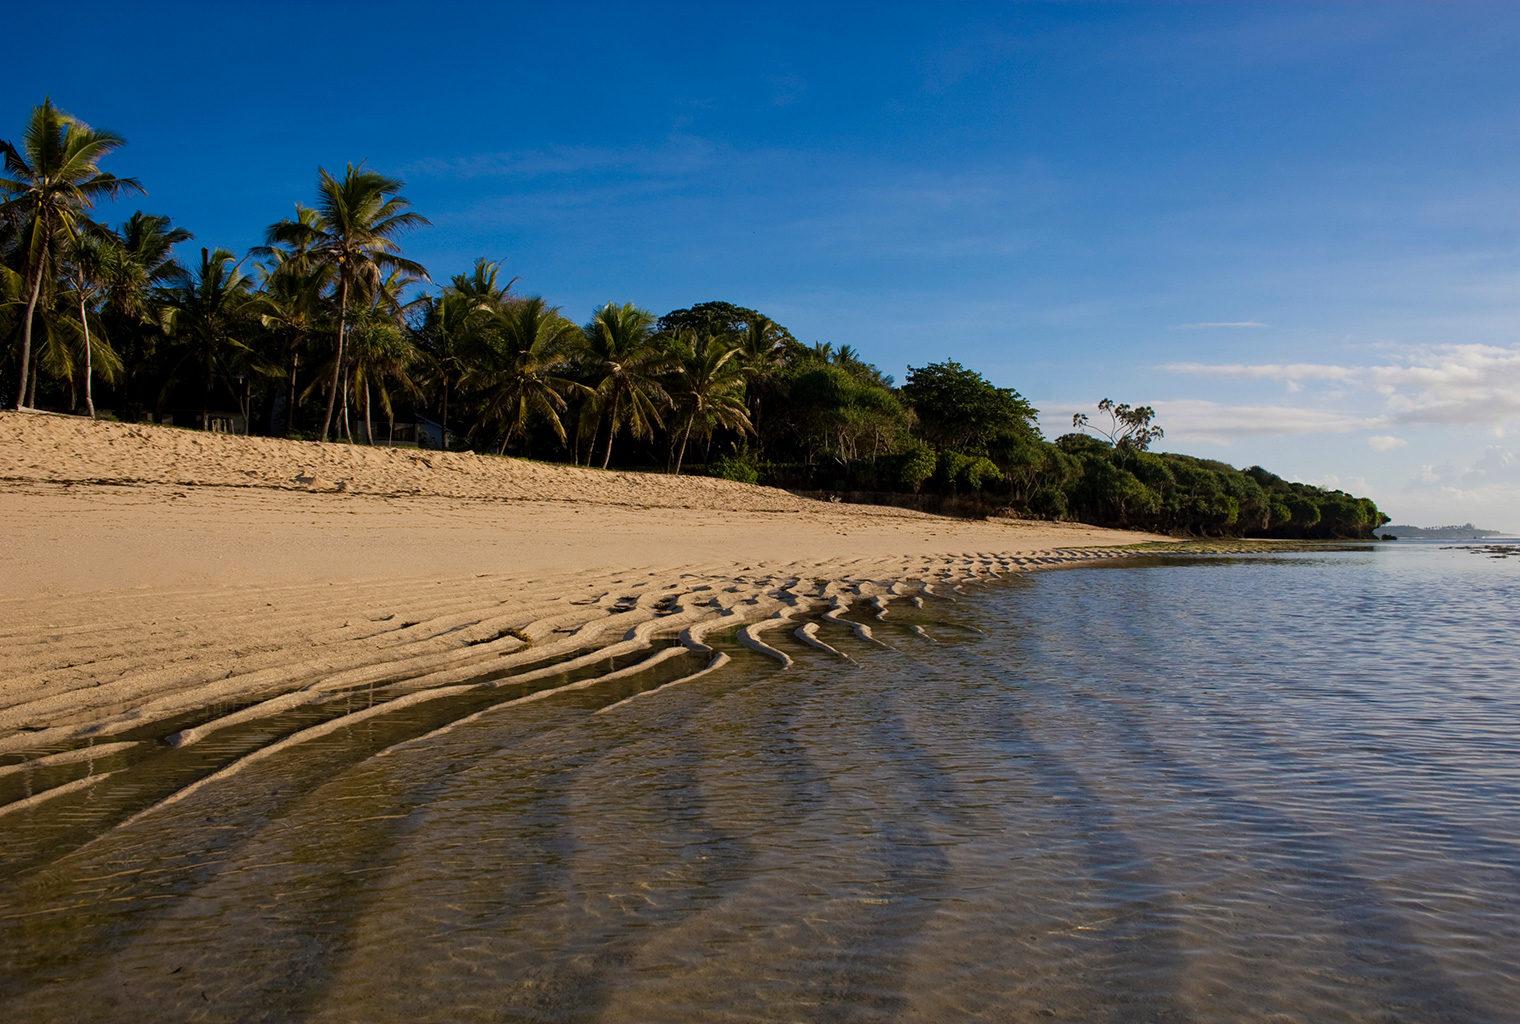 Mainland-Coast-Kenya-Beach